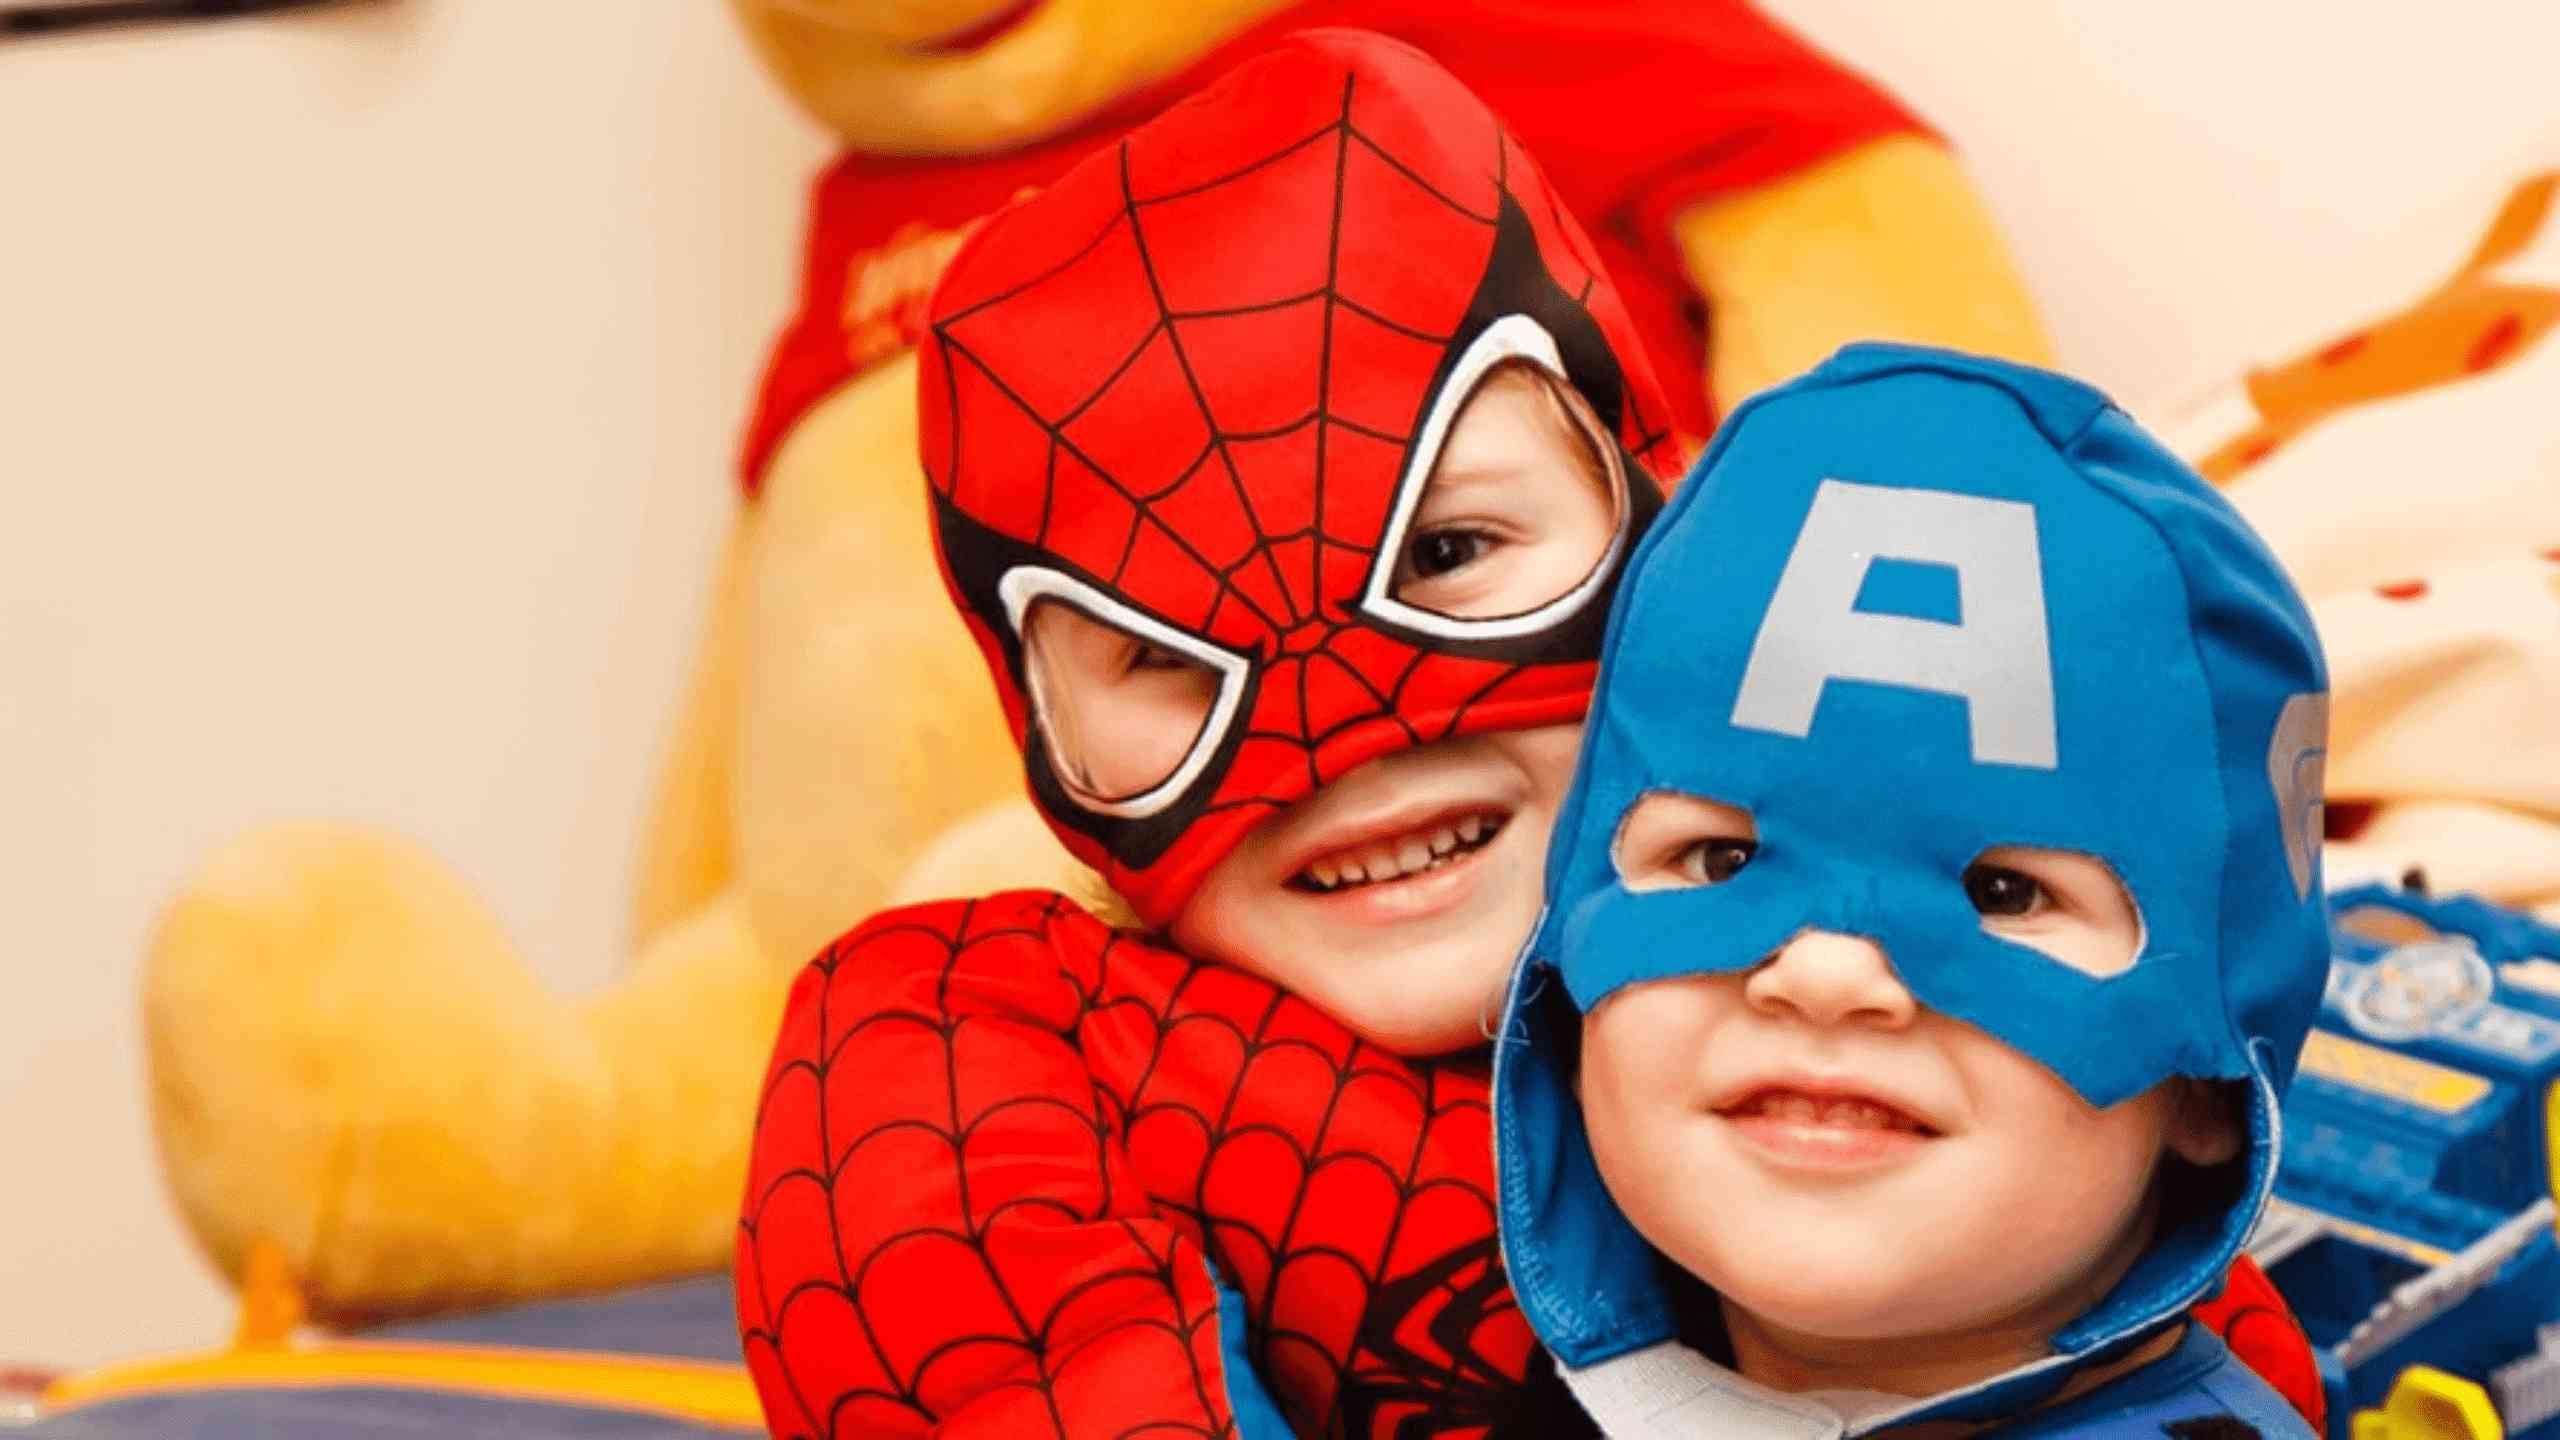 Celebra tu propio desfile en casa con los mejores disfraces de carnaval y haz de este día algo inolvidable